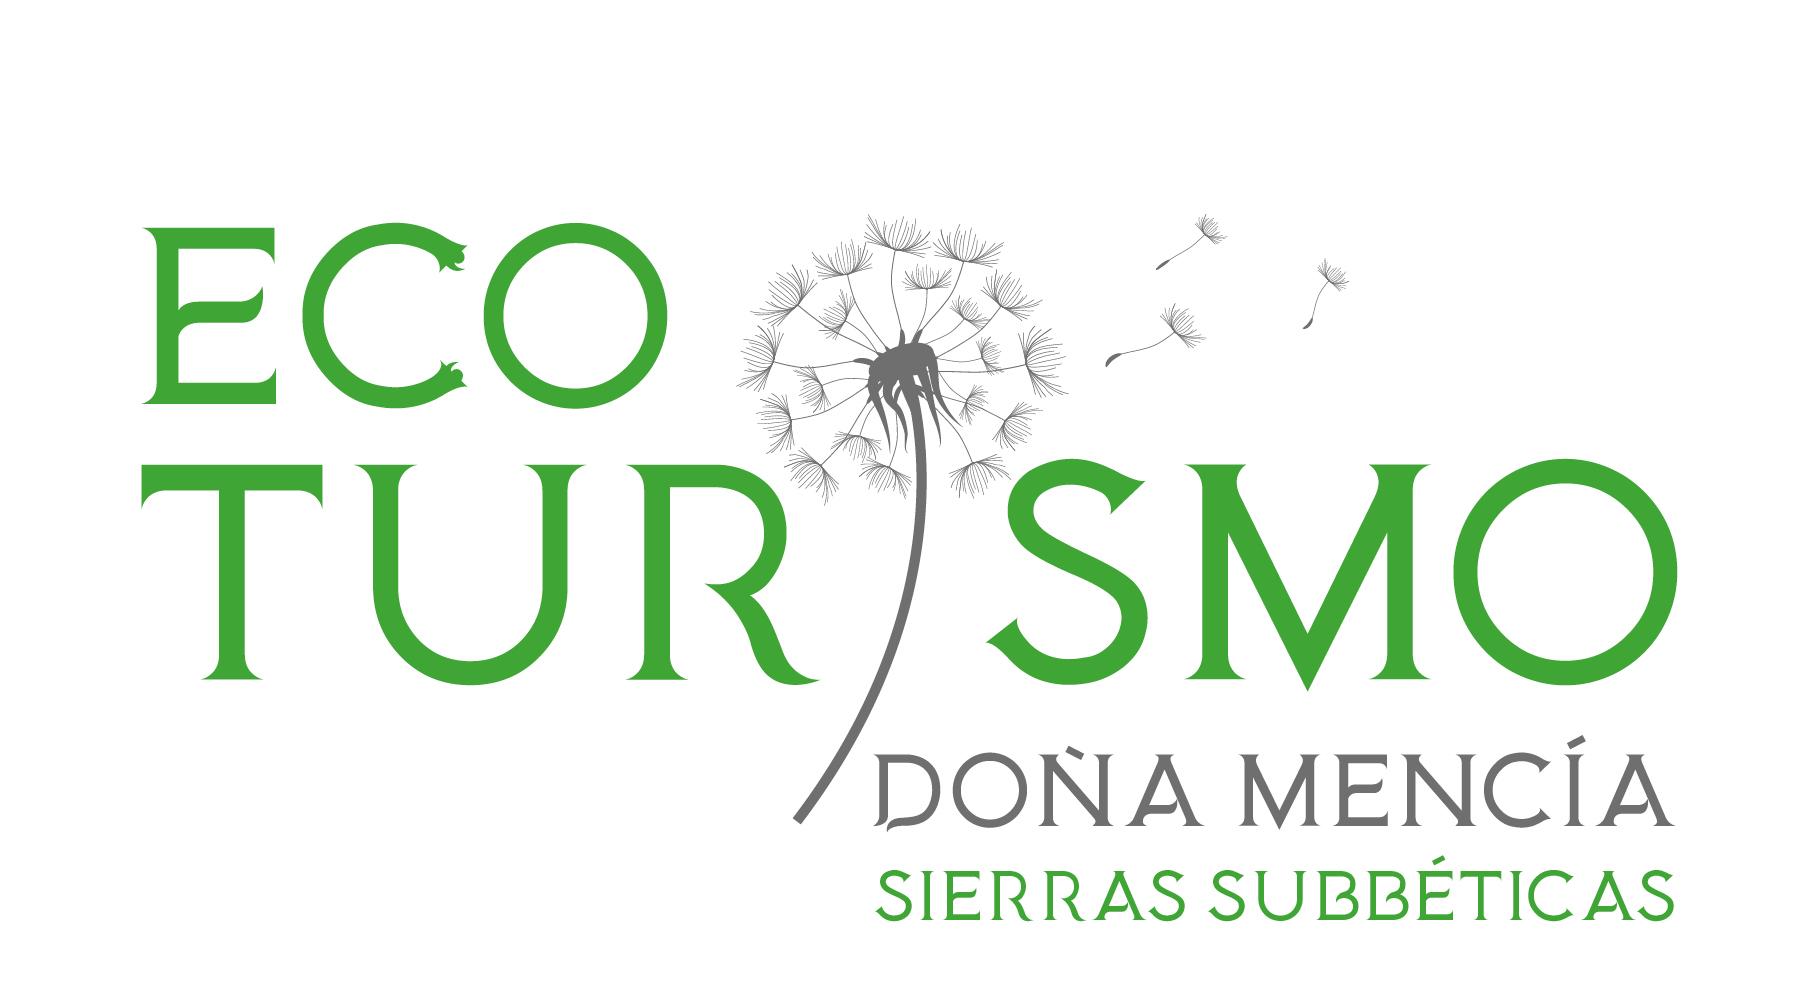 Doña Mencía destino Ecoturista – Menciaecoturismo.es